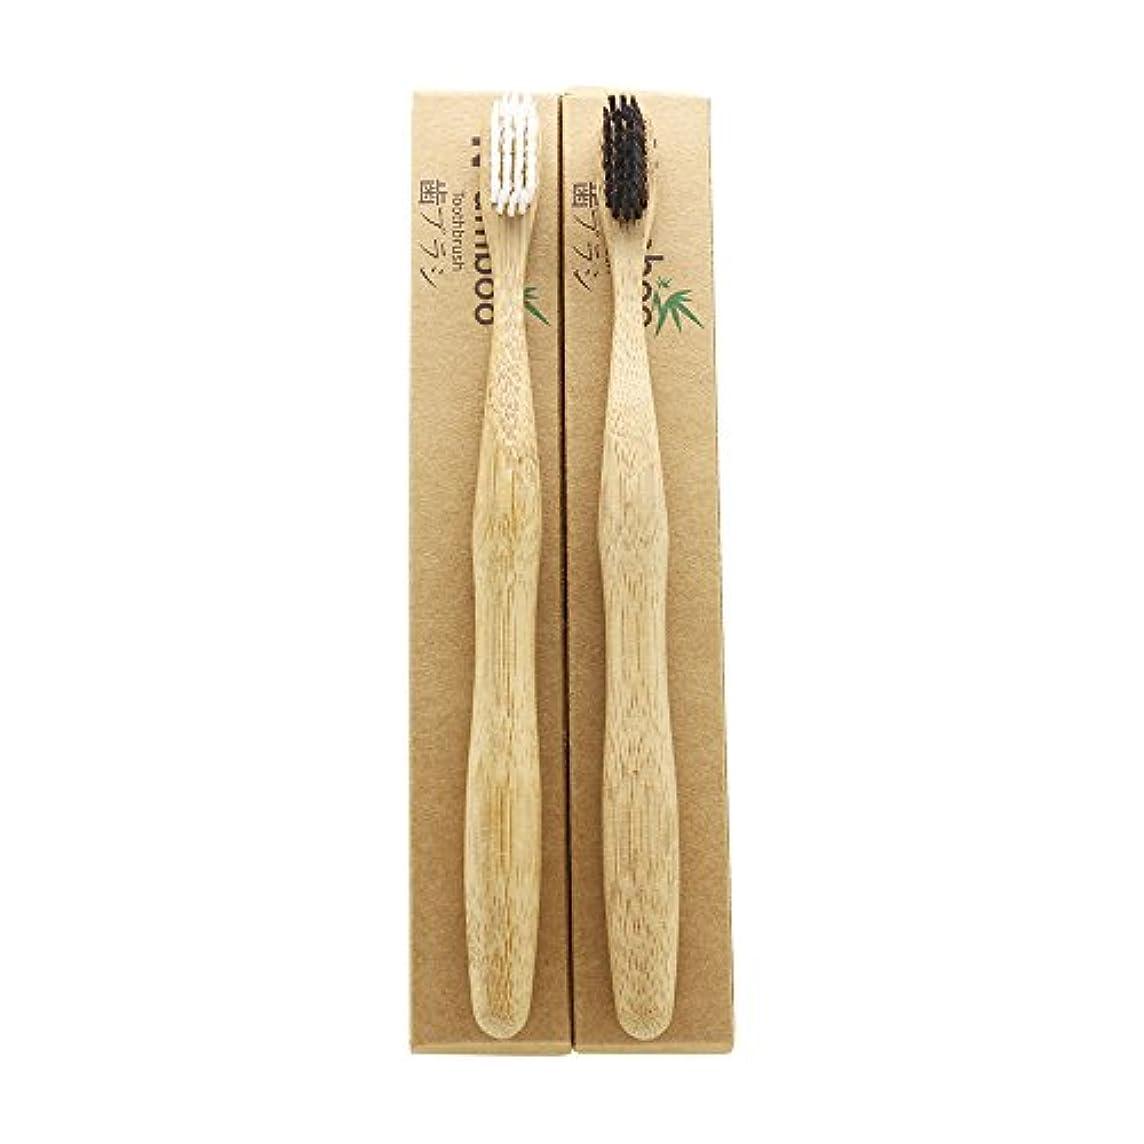 魂化学者歯N-amboo 竹製 歯ブラシ 高耐久性 白と黒 セット エコ  (2本)